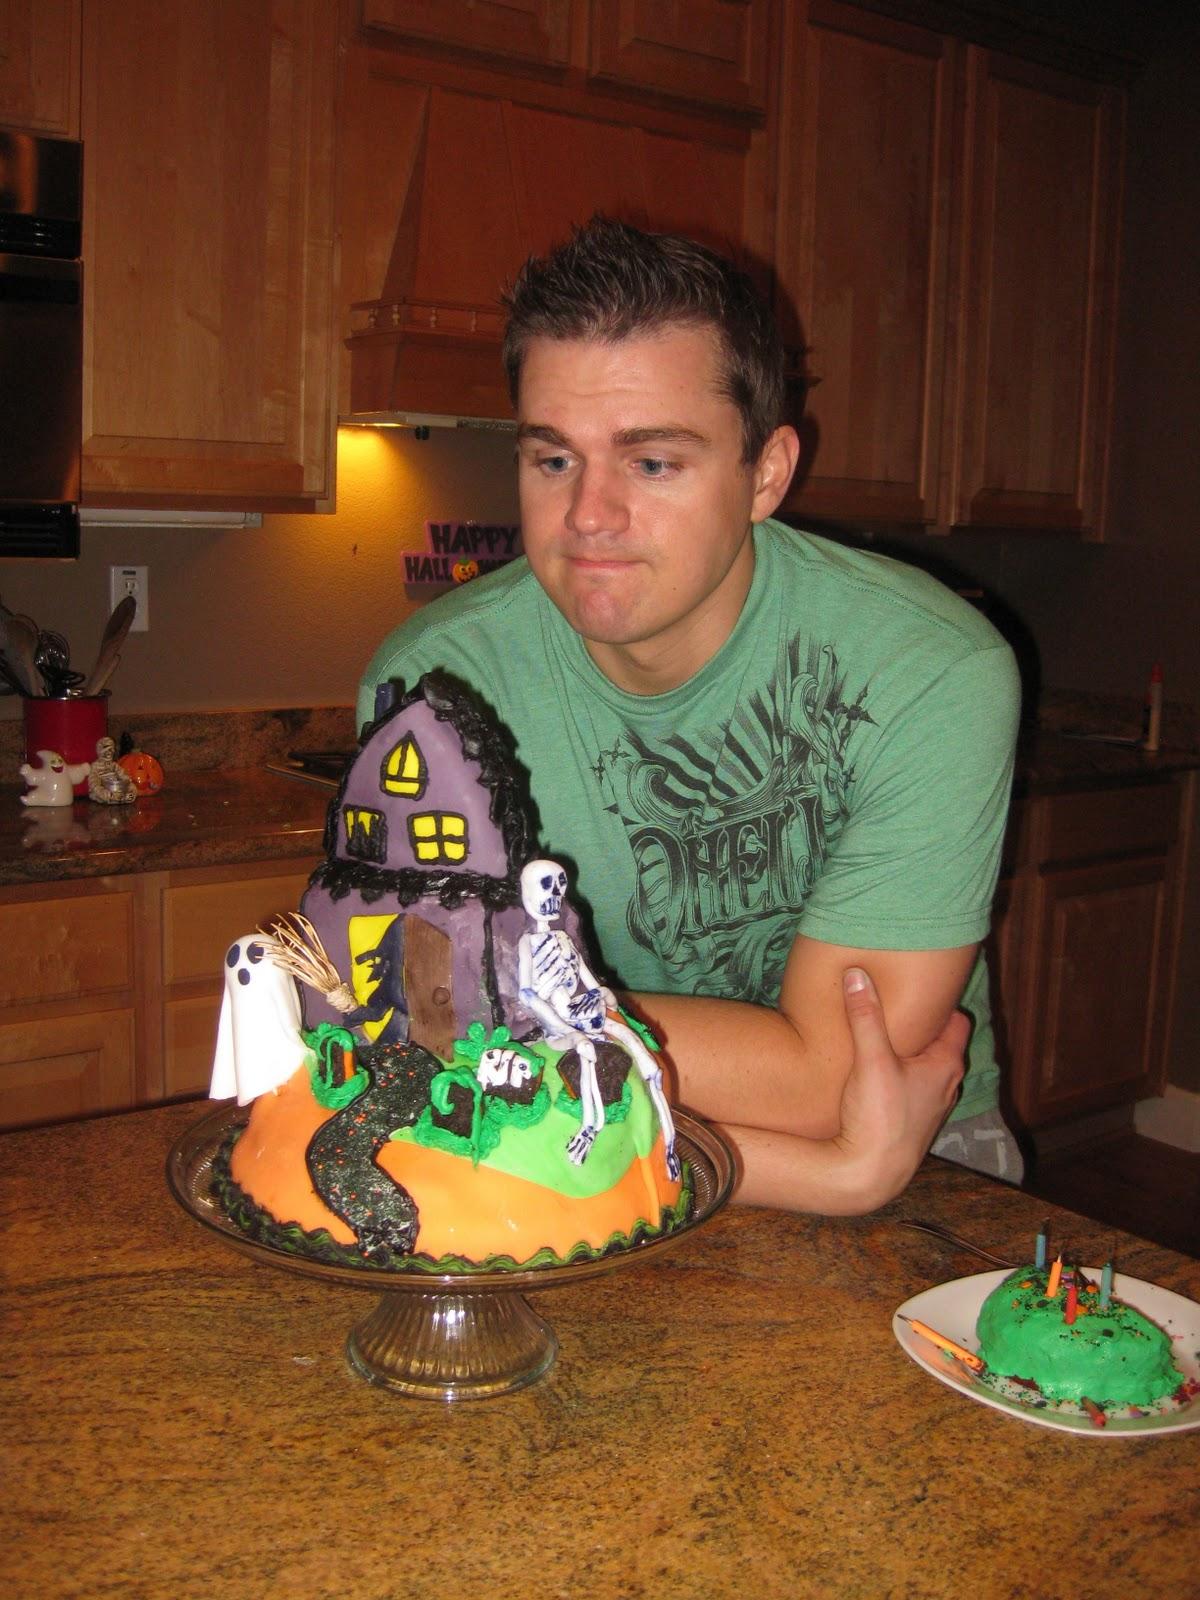 Happy Birthday Cake To Me